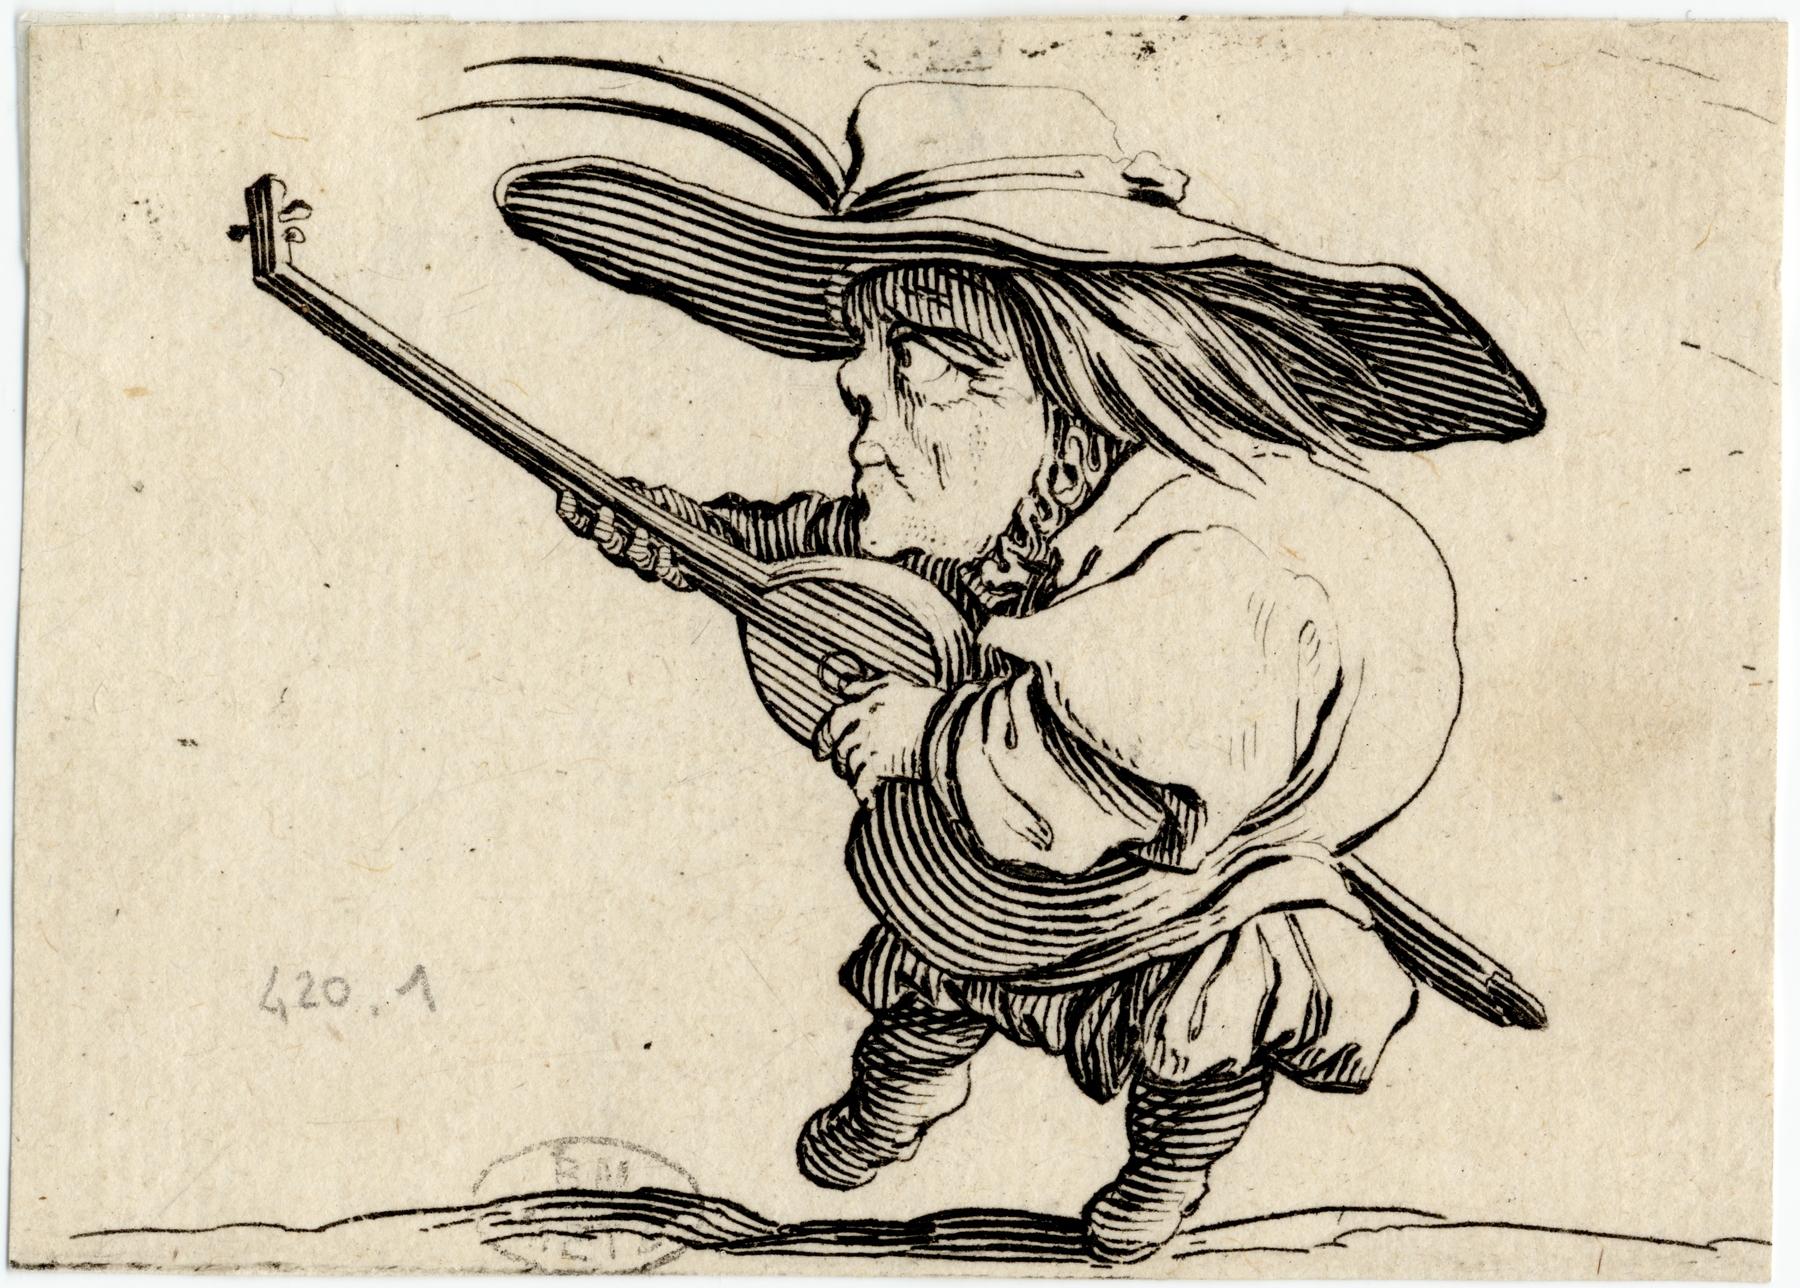 Contenu du Les Gobbi: Le joueur de luth